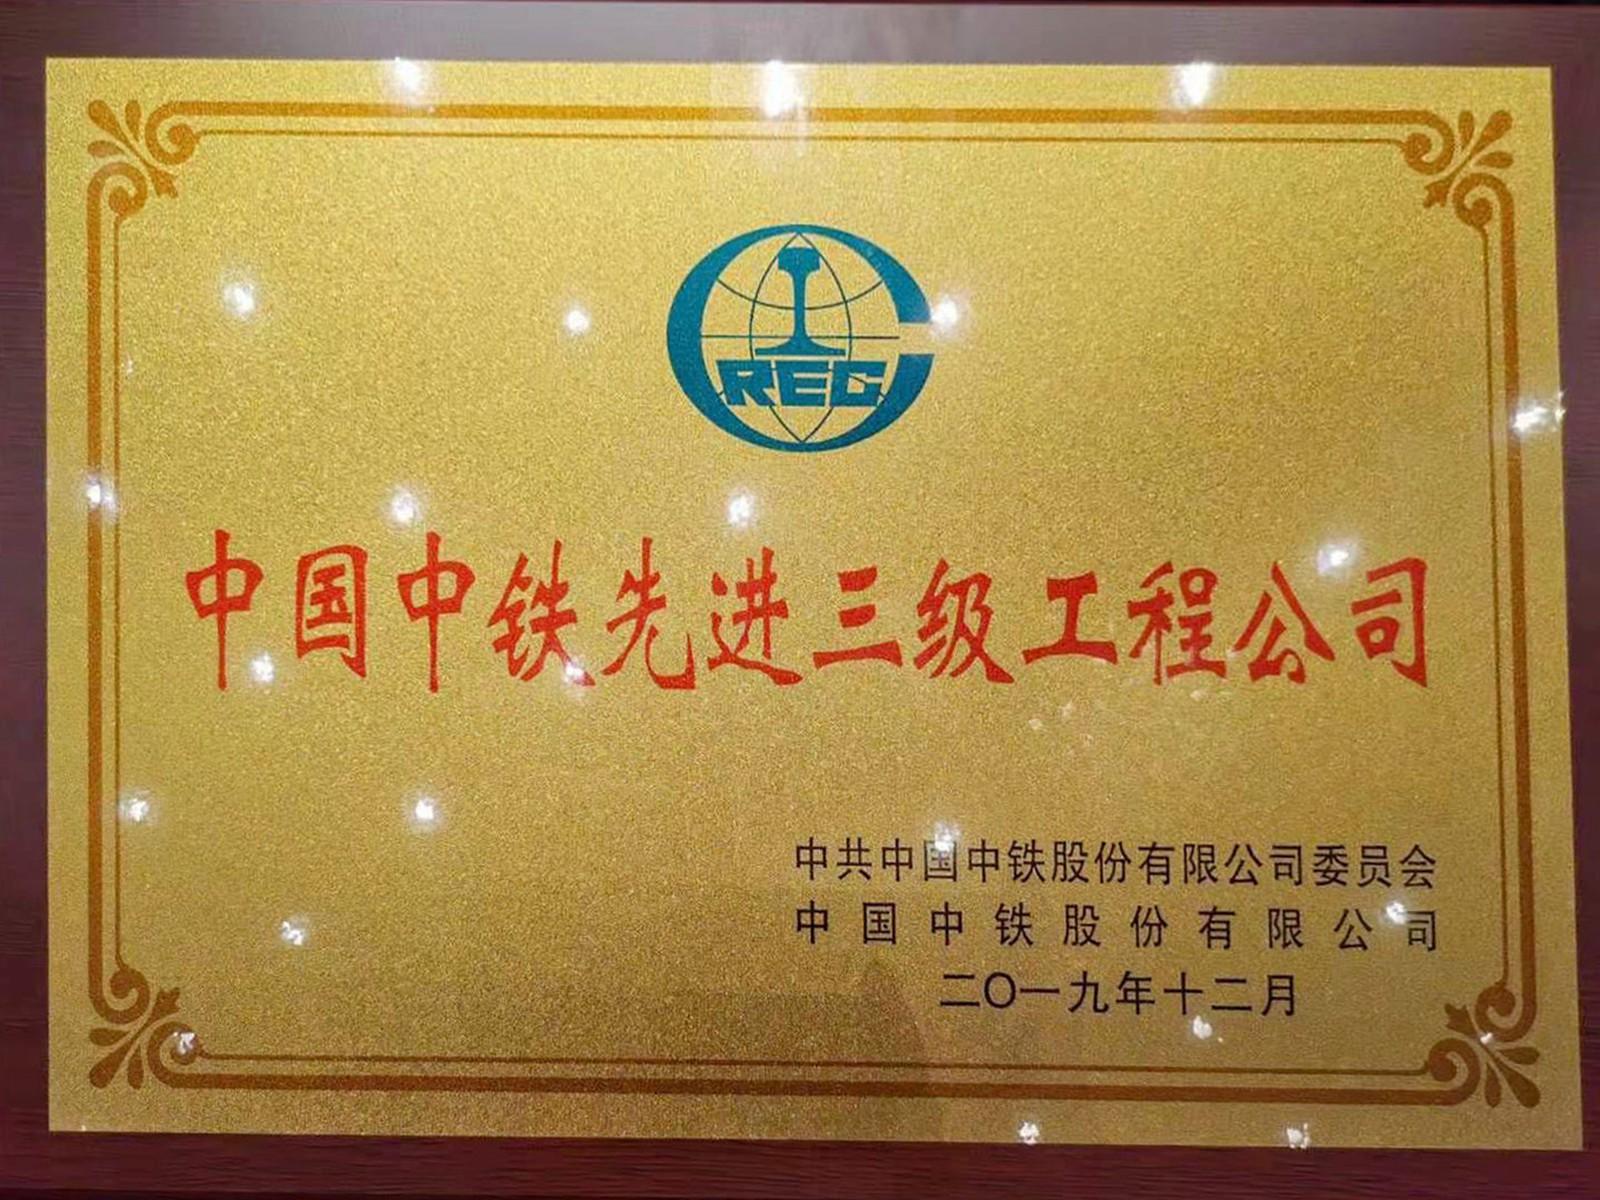 中国中铁先进三级工程公司